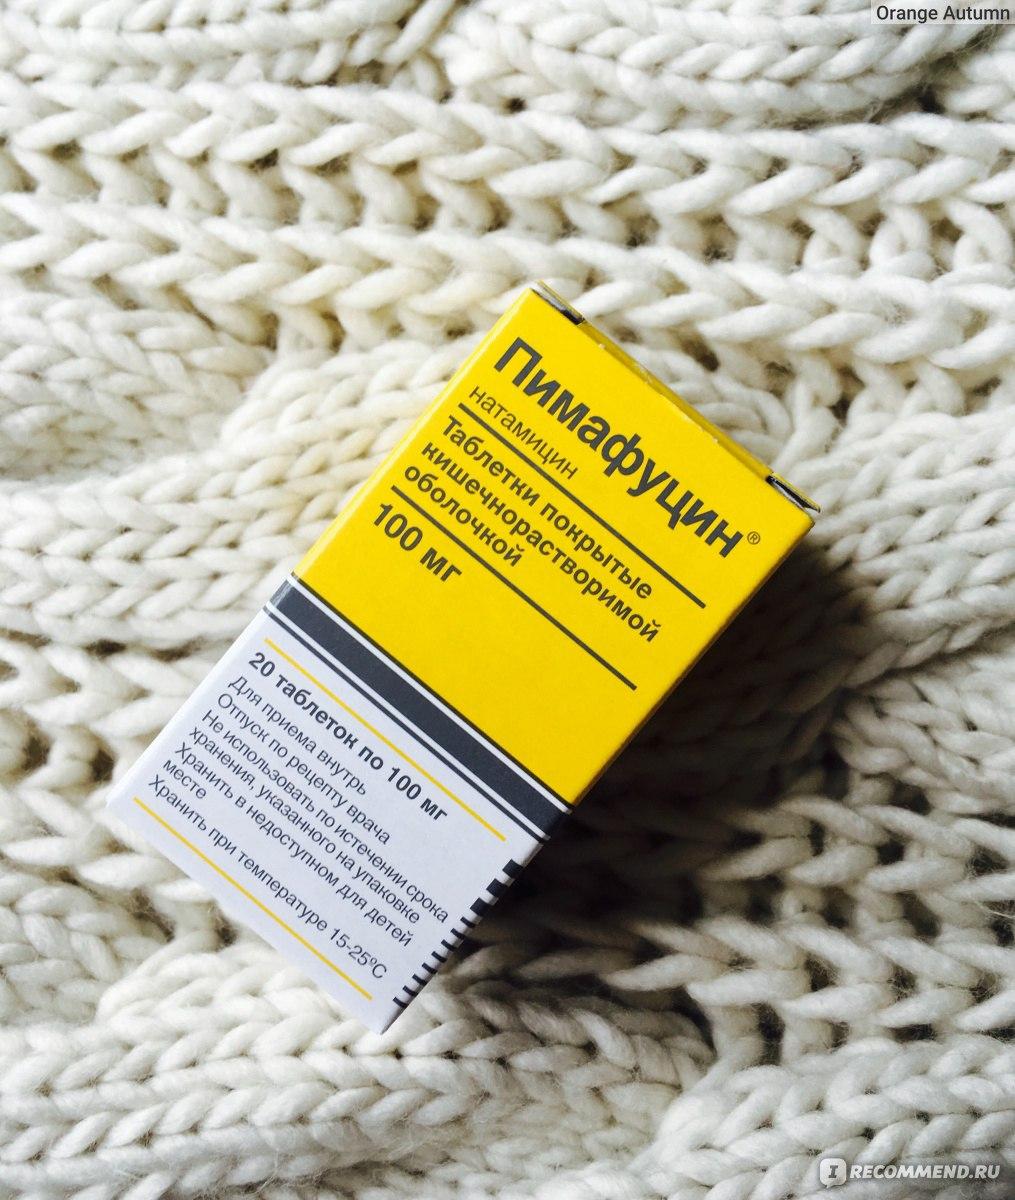 Пимафуцин - отзывов инструкция по применению